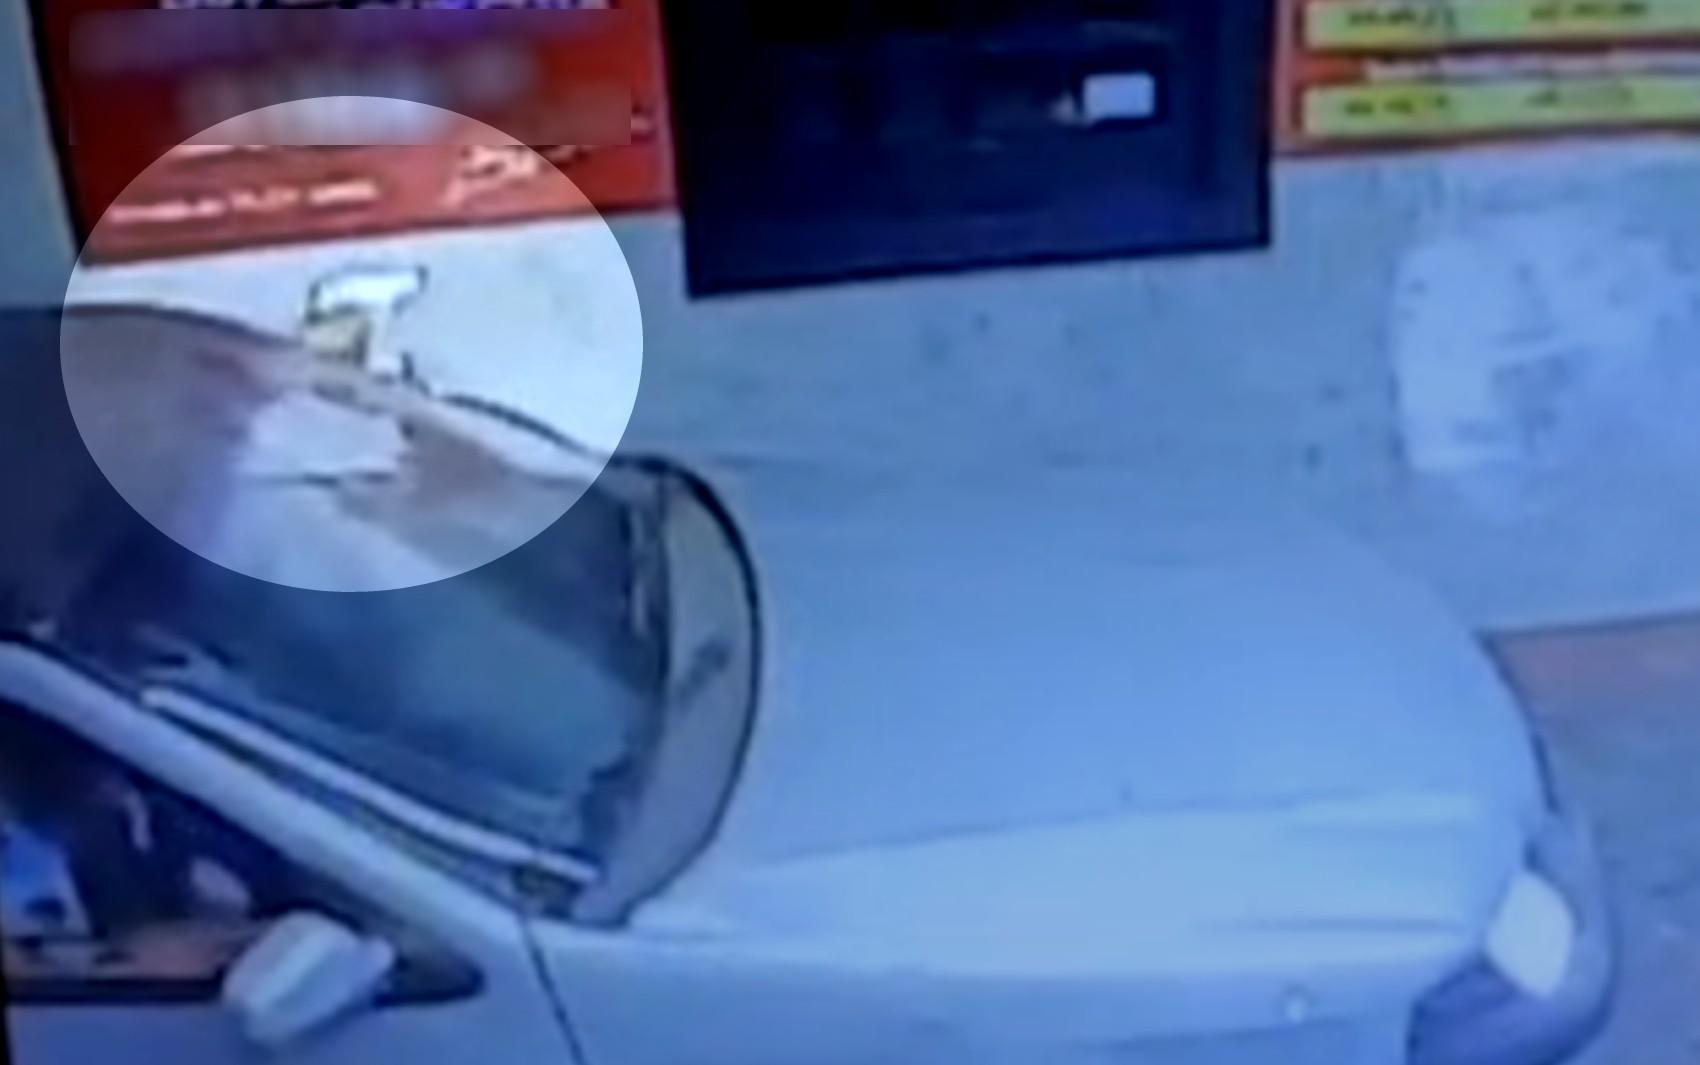 Cliente atira contra recepção de motel após não conseguir entrar no local, em Aparecida de Goiânia; vídeo